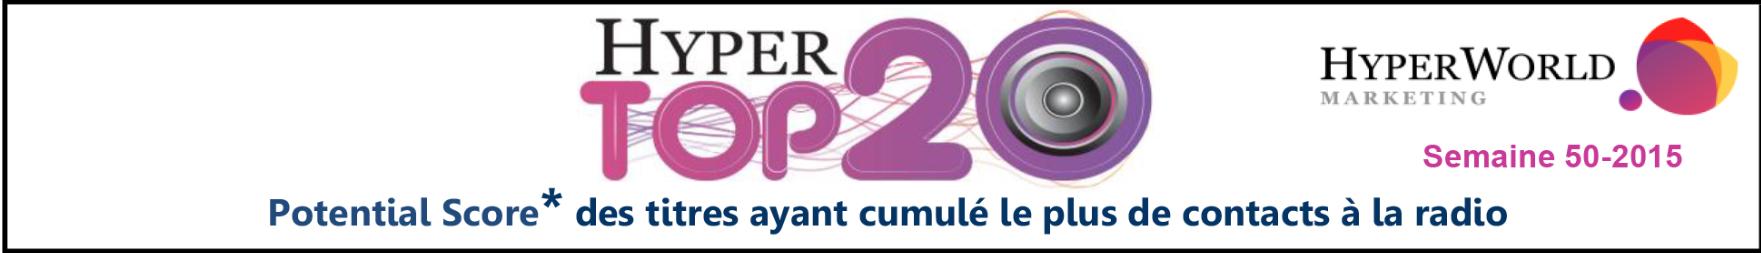 Le MAG 74 - HyperTop20 - Semaine 50-2015. Le dessous des cartes de Yacast